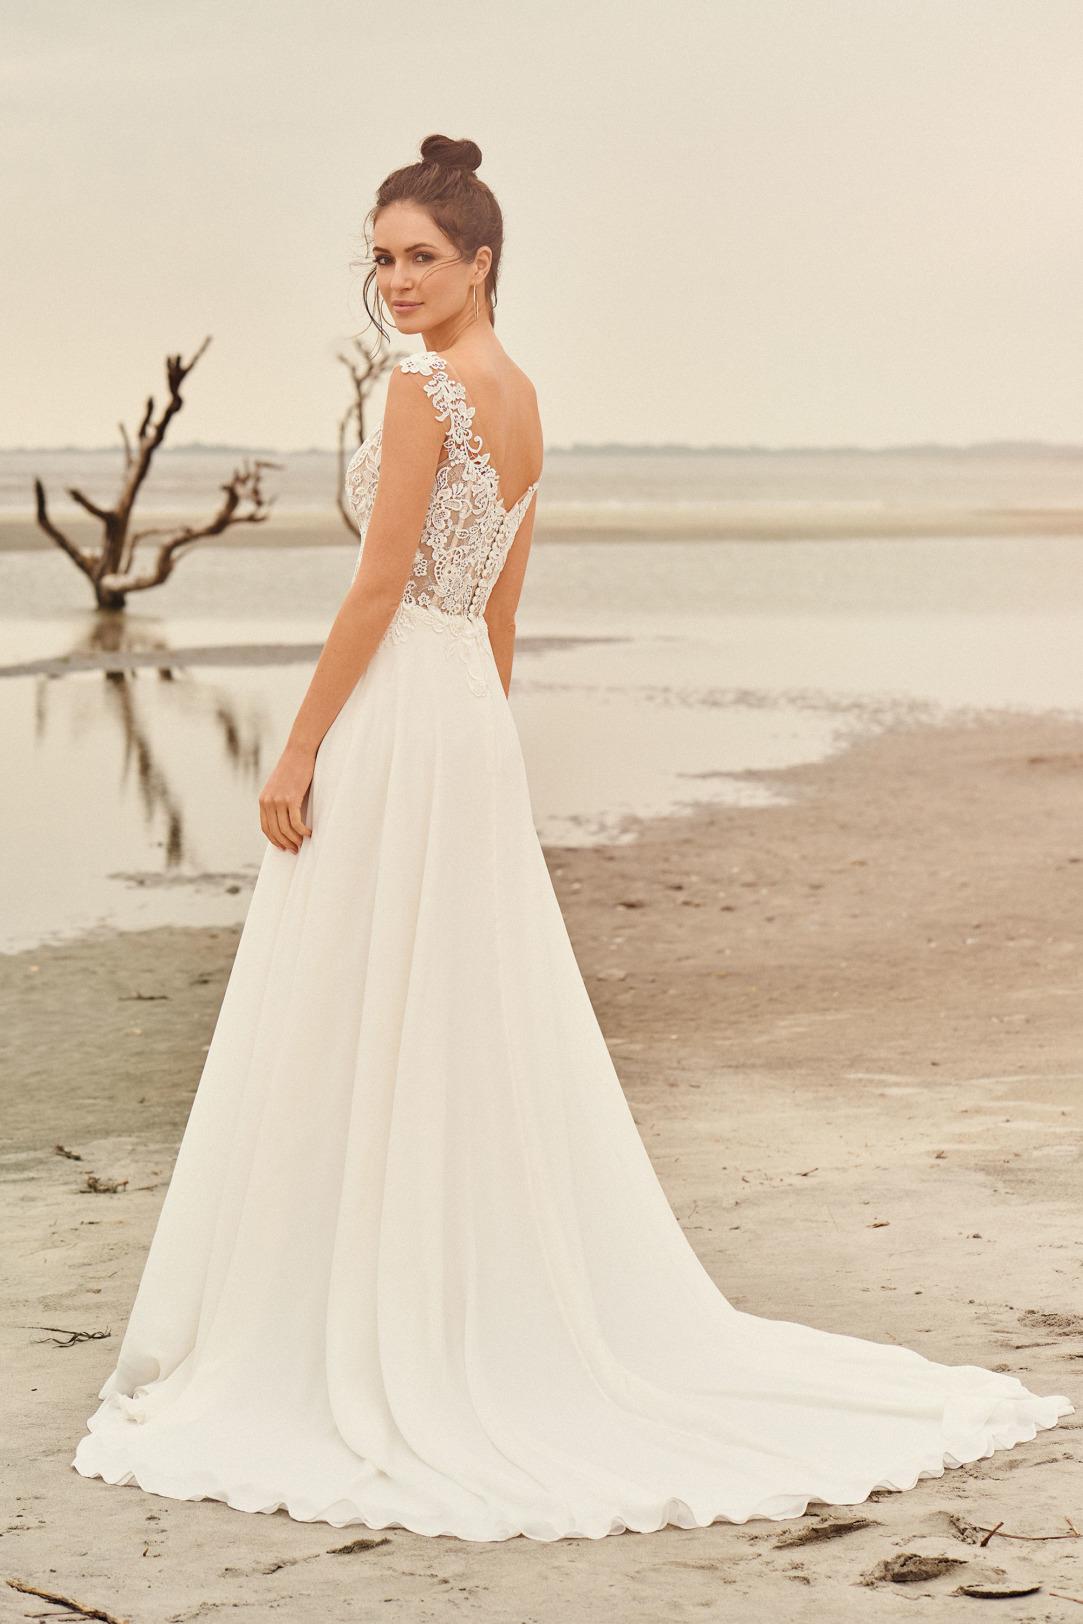 Brautkleider Hochzeitskleider Lilian West Empire Stil Style Form Spitze lang schlicht Vintage mit V Ausschnitt transparent Look mit Chiffon Rock kleine Schleppe Seitenansicht hinten